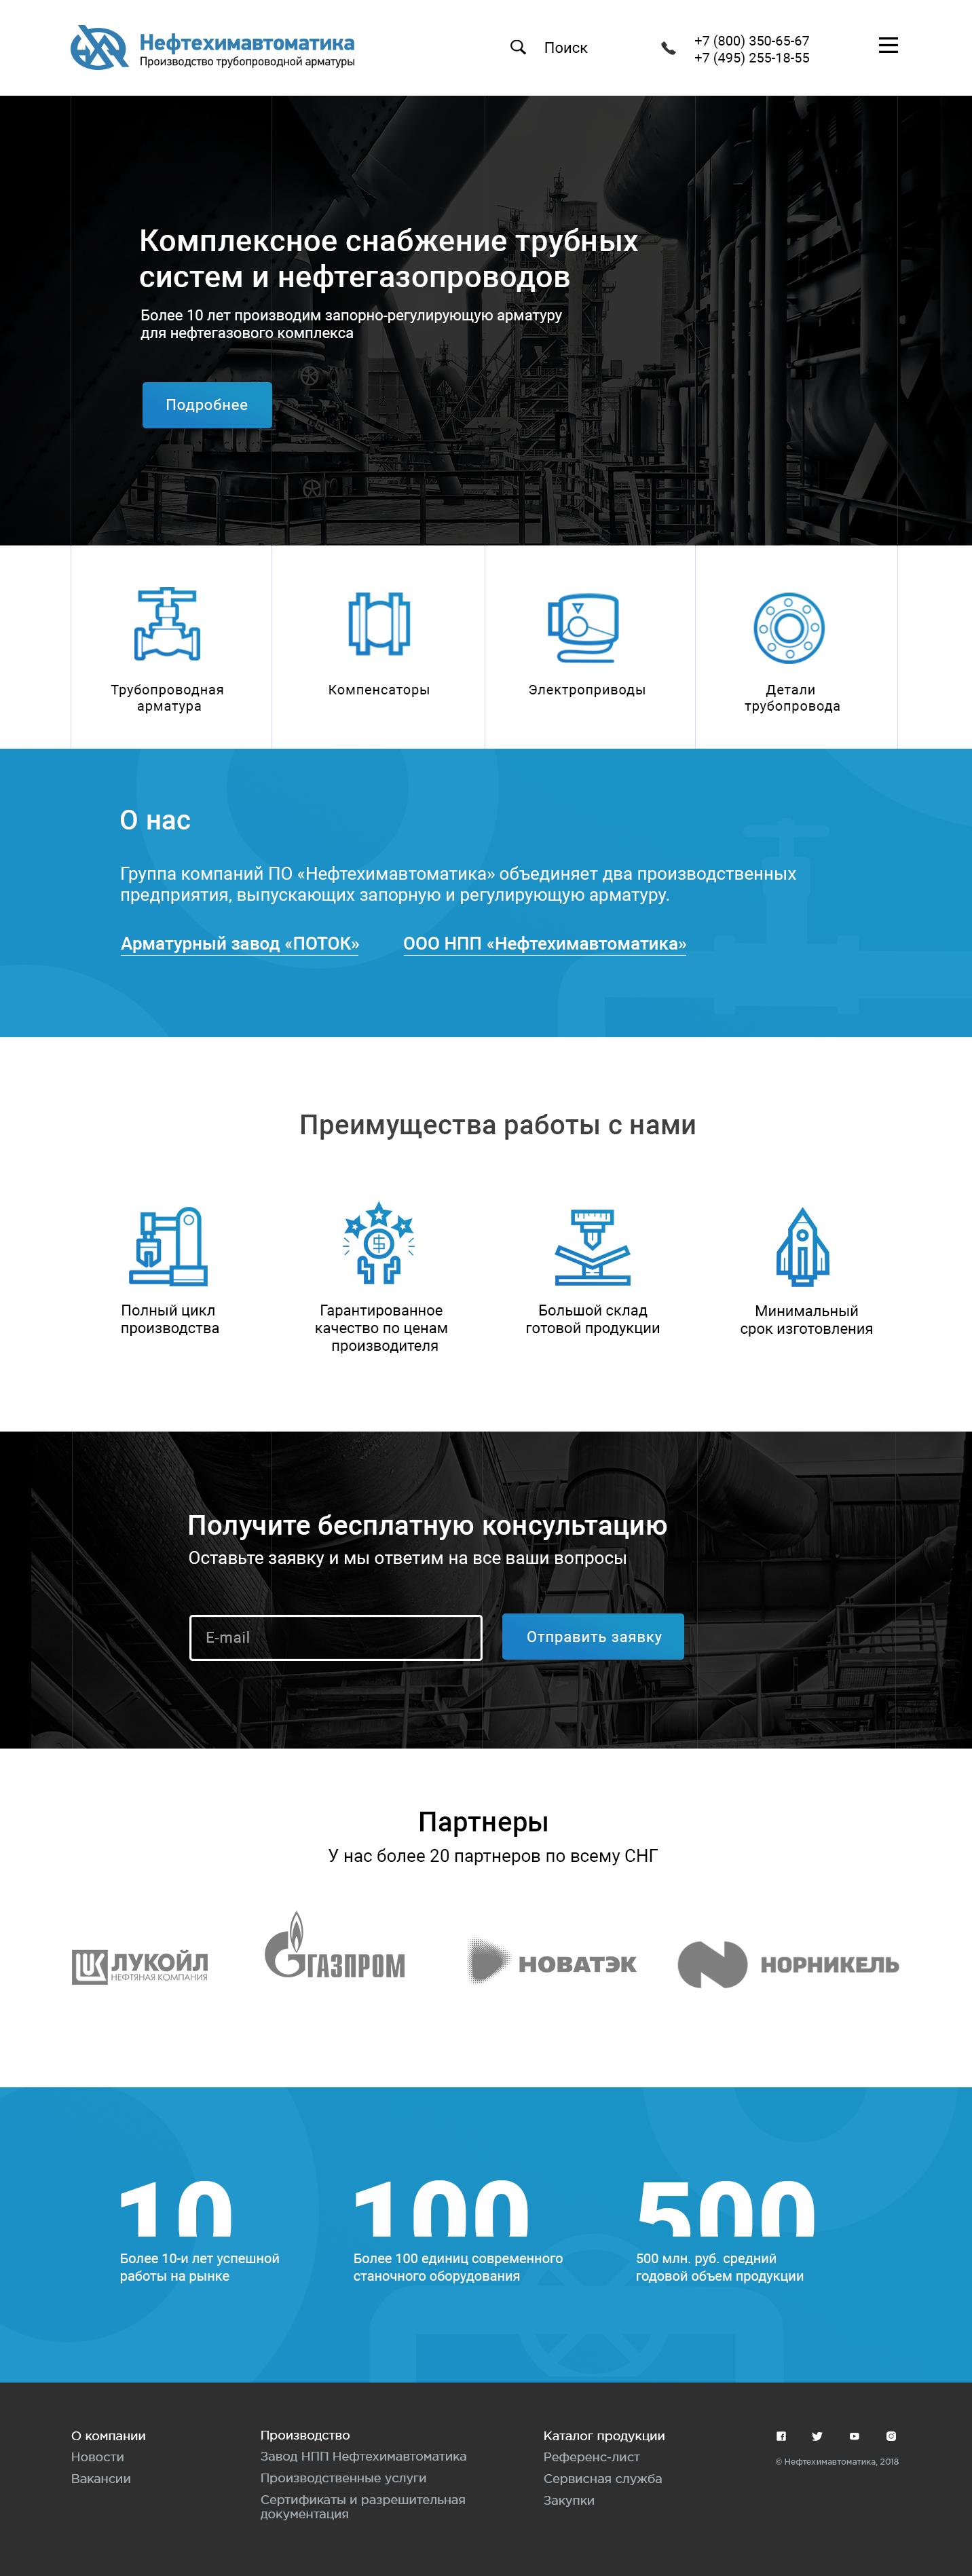 Внимание, конкурс для дизайнеров веб-сайтов! фото f_2255c63143591026.png